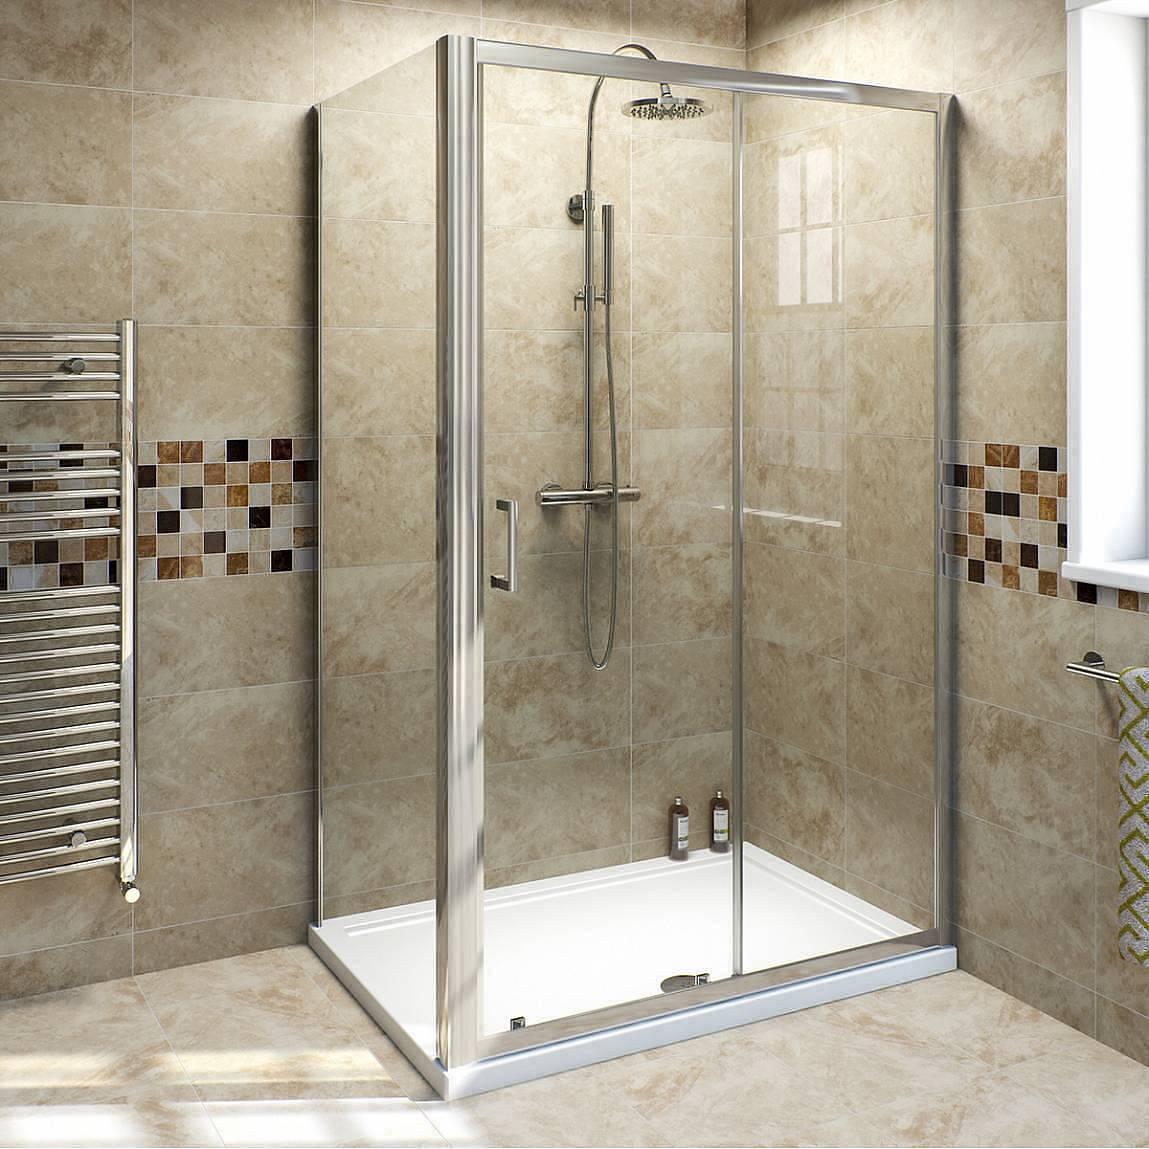 Image of V6 6mm Sliding Shower Enclosure 1000 x 760